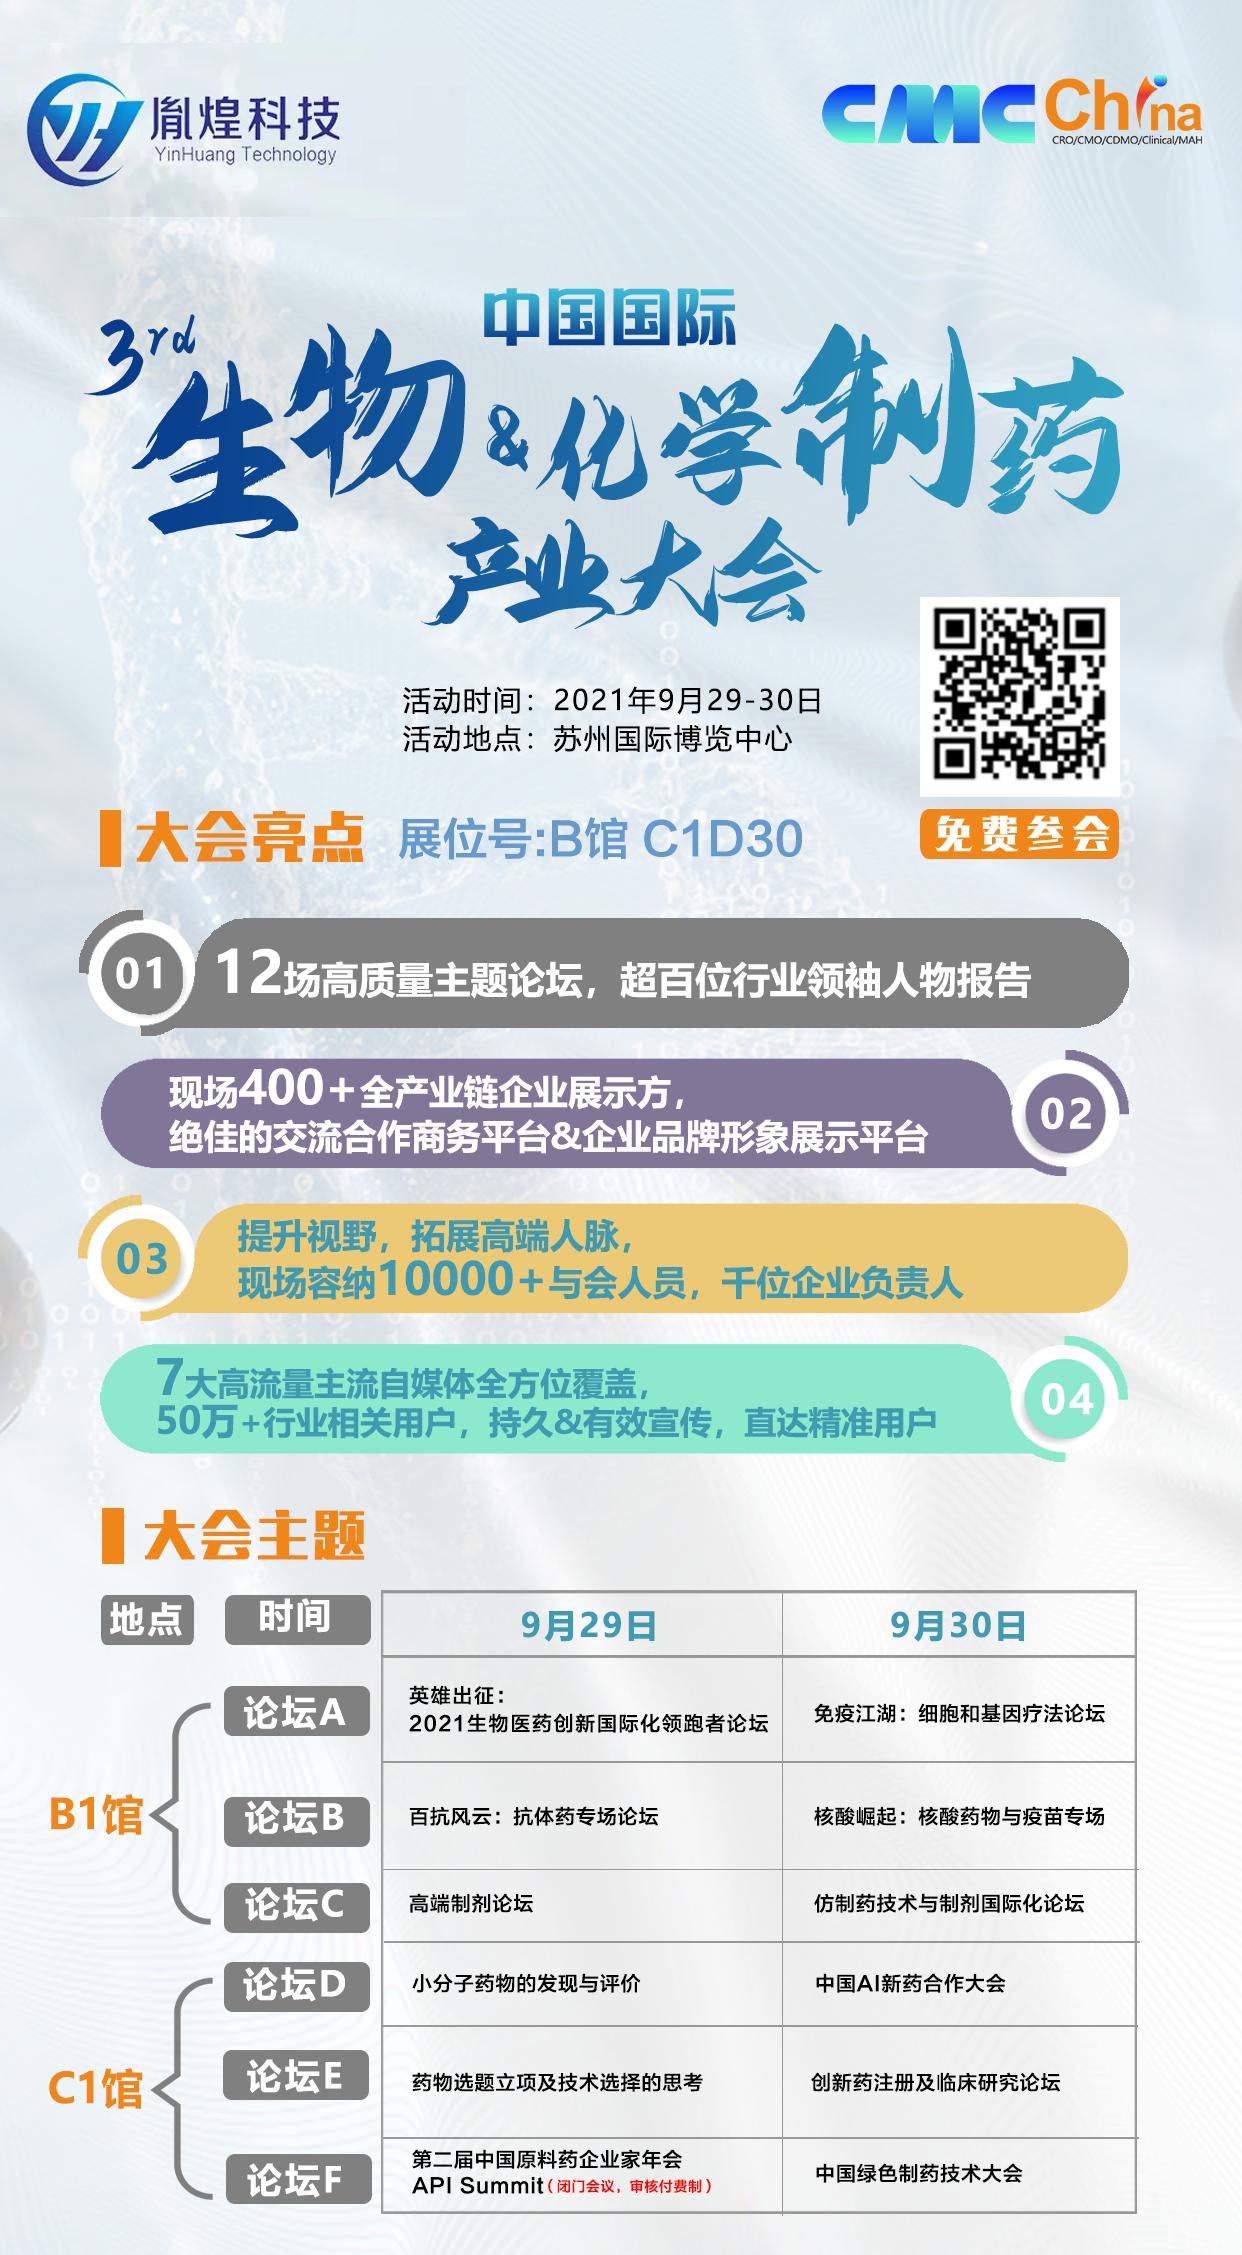 胤煌科技 | 中国国际生物&化学制药产业大会-苏州站